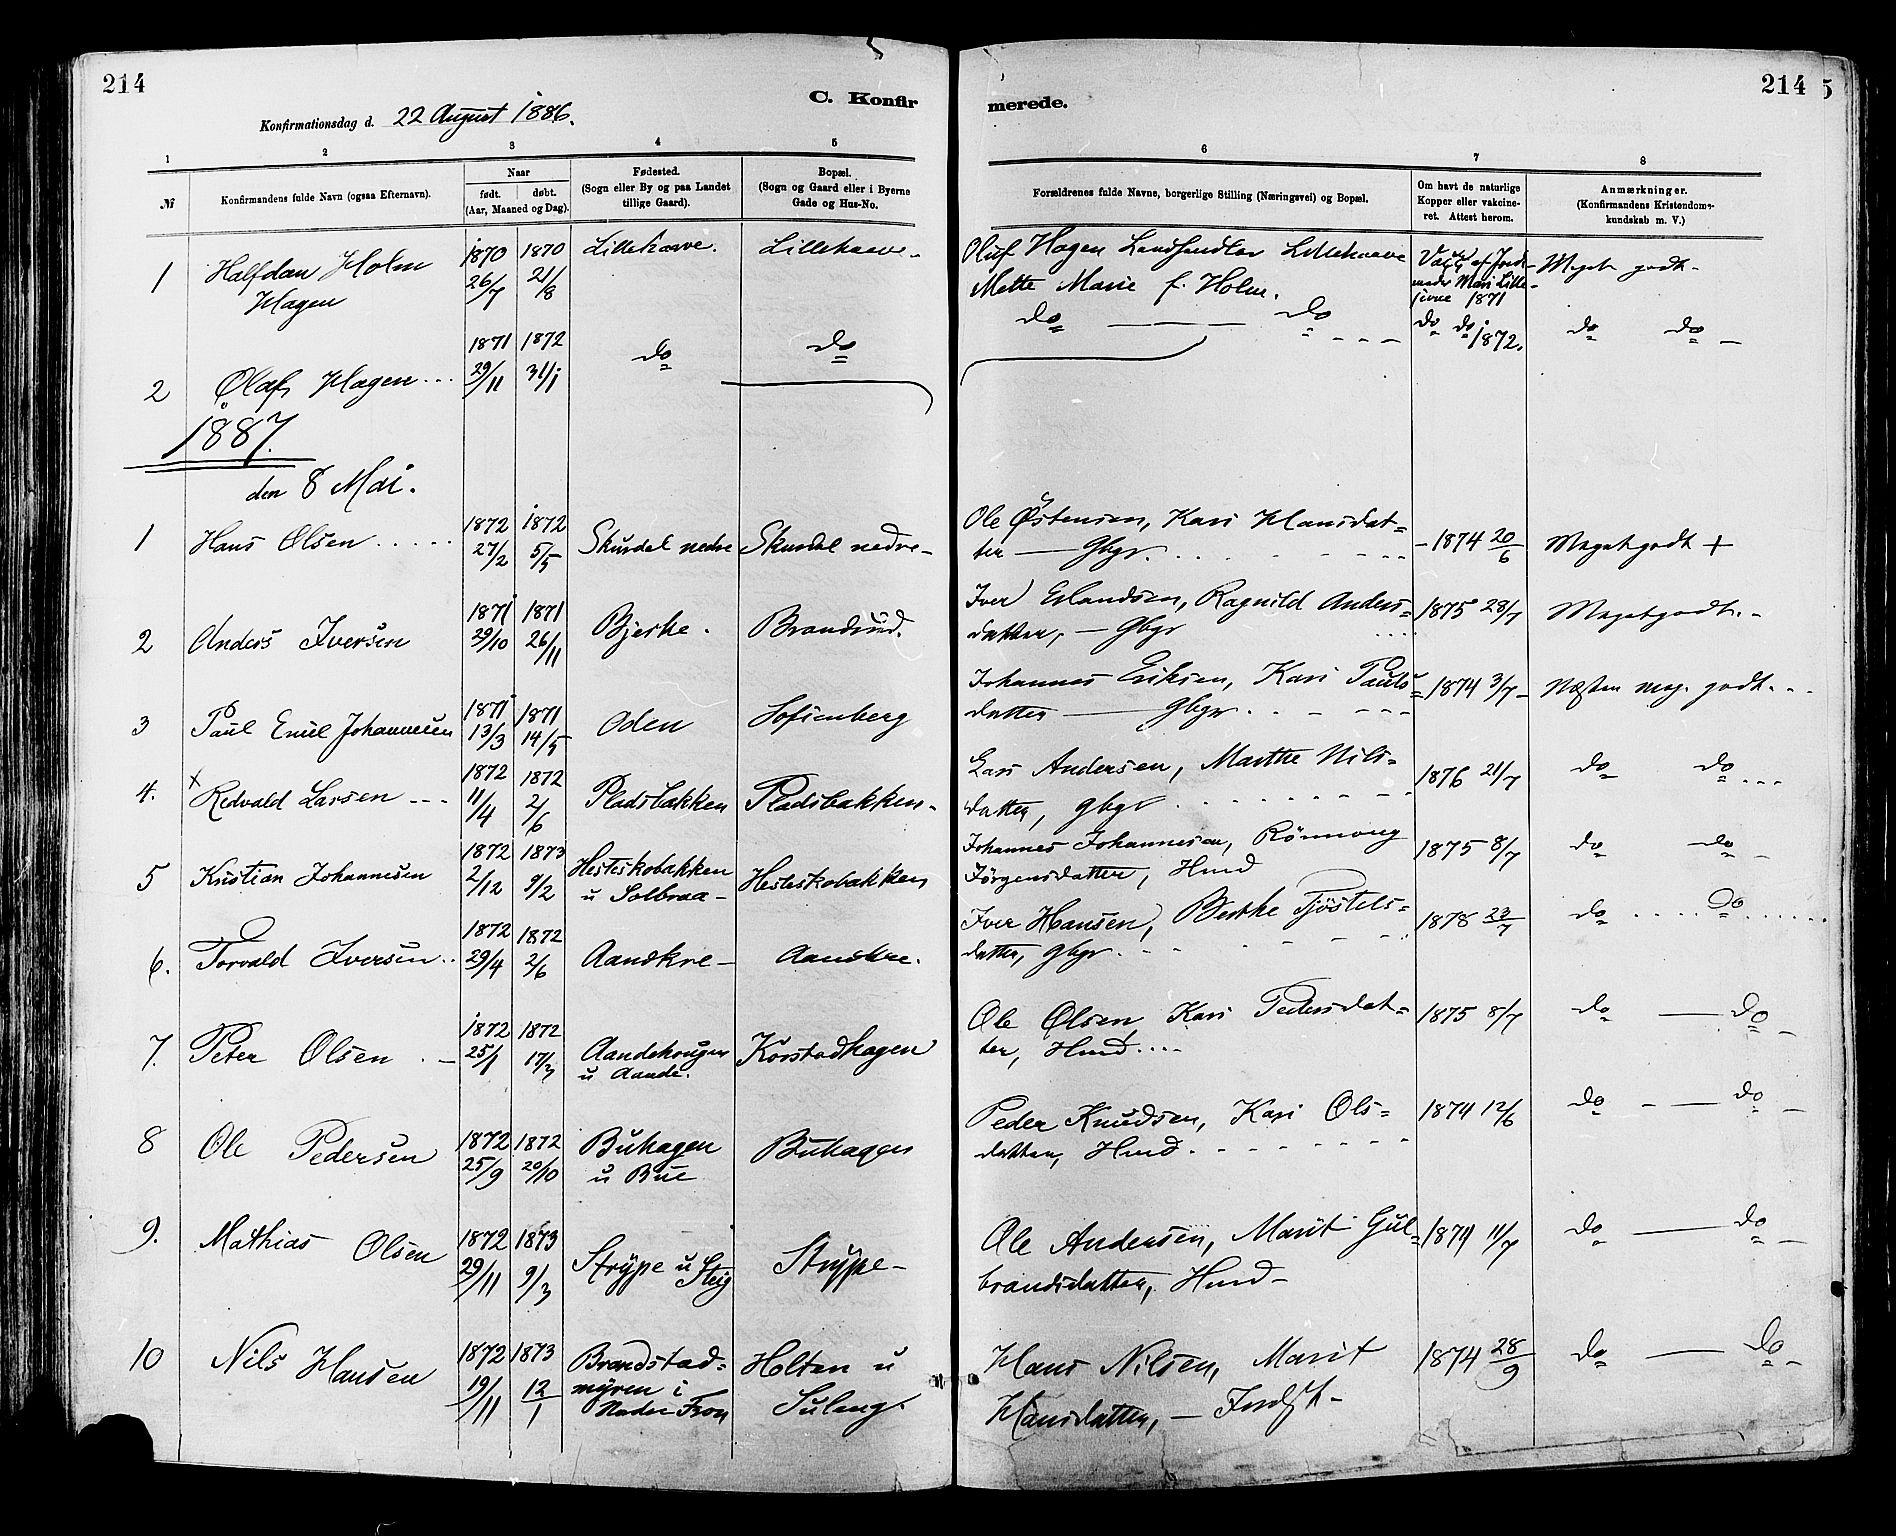 SAH, Sør-Fron prestekontor, H/Ha/Haa/L0003: Ministerialbok nr. 3, 1881-1897, s. 214